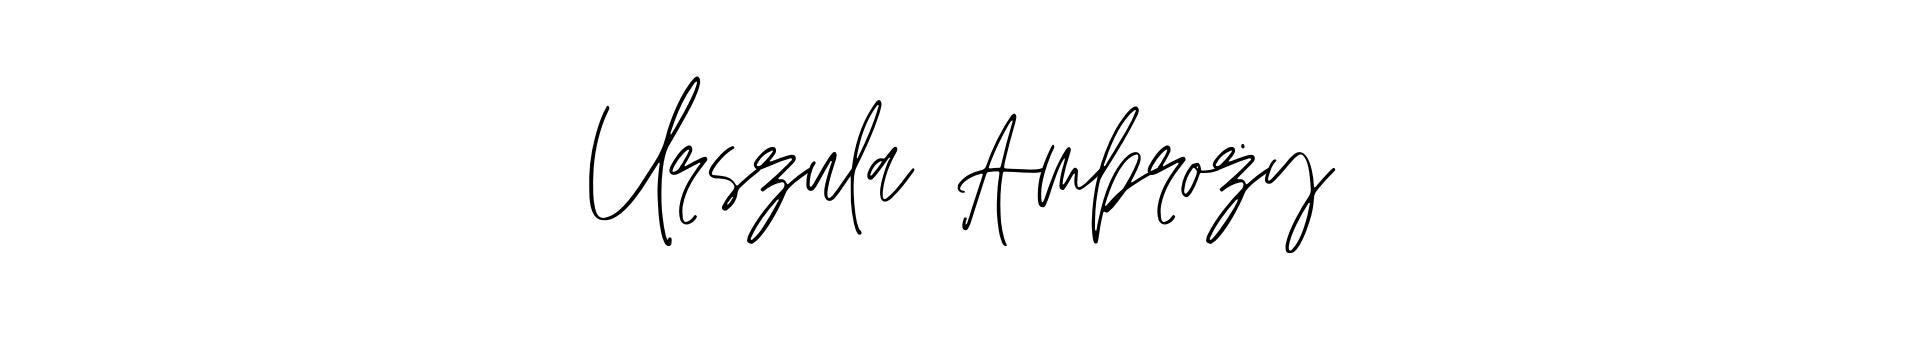 Urszula Ambroży | ulaambrozy